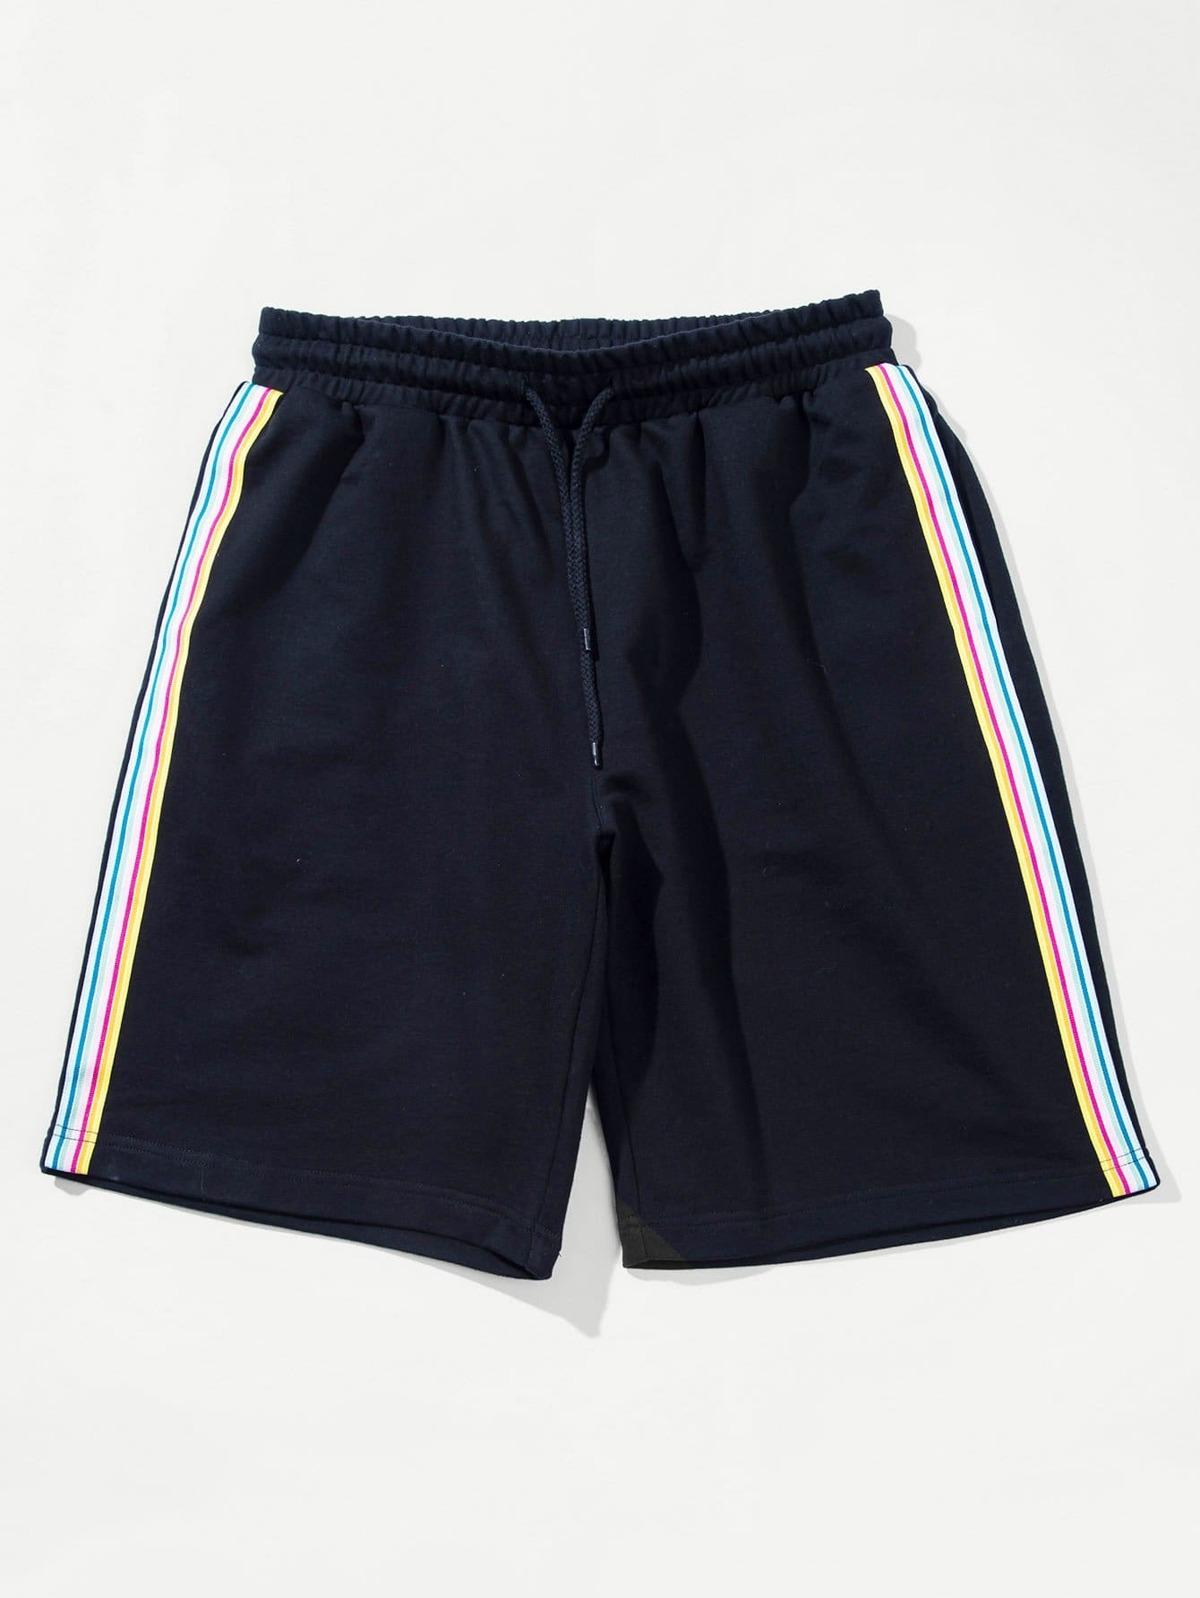 男人 條紋 條帶 側邊 束帶 短褲